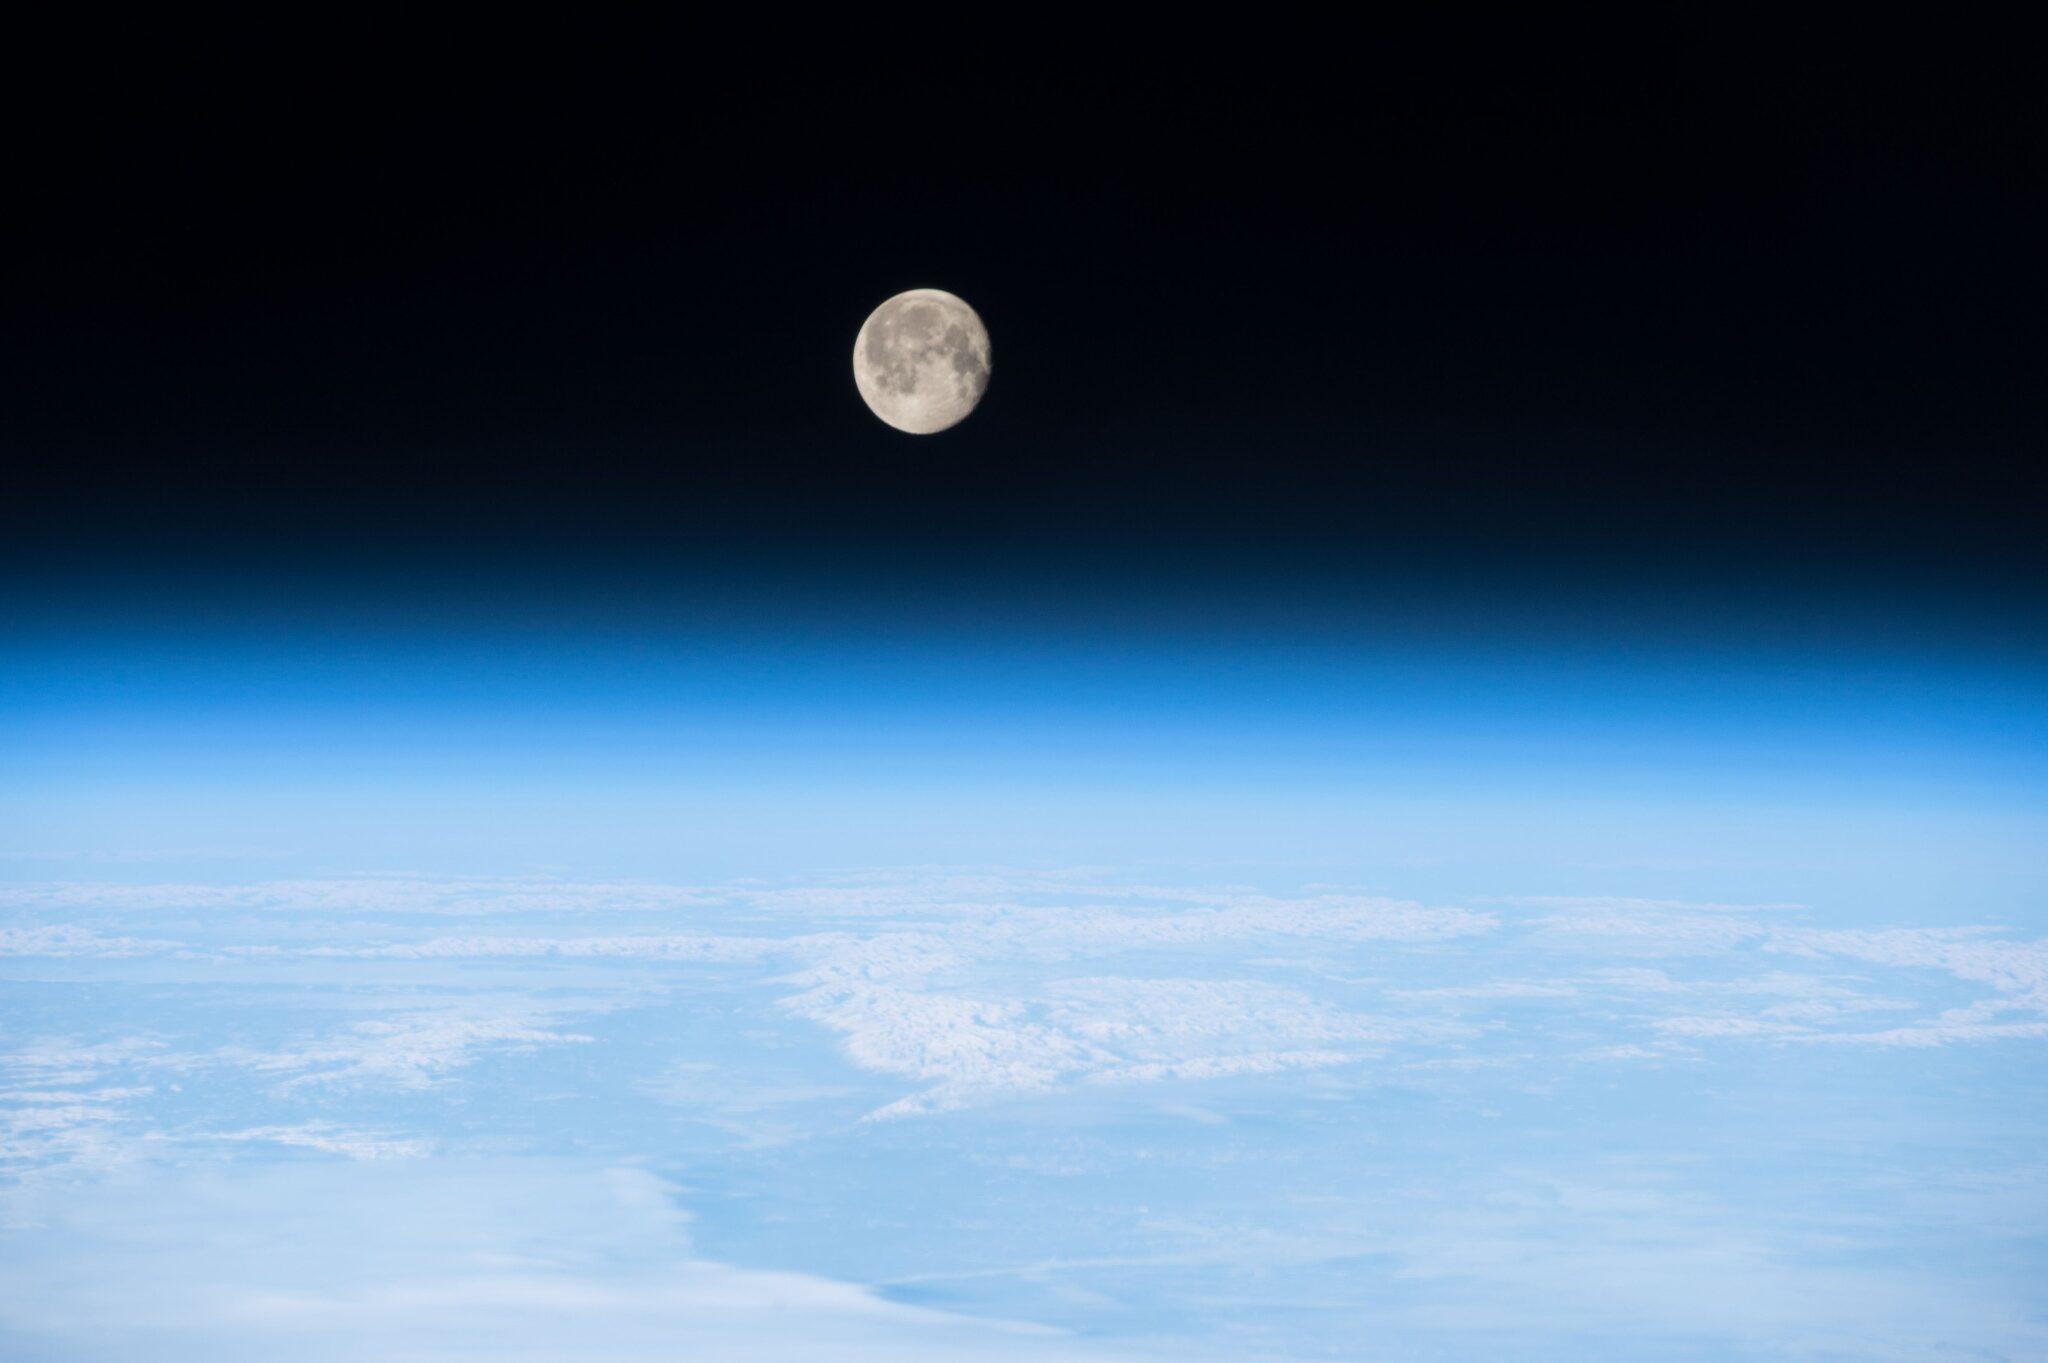 Vollmond über der Erde von der ISS aus gesehen.